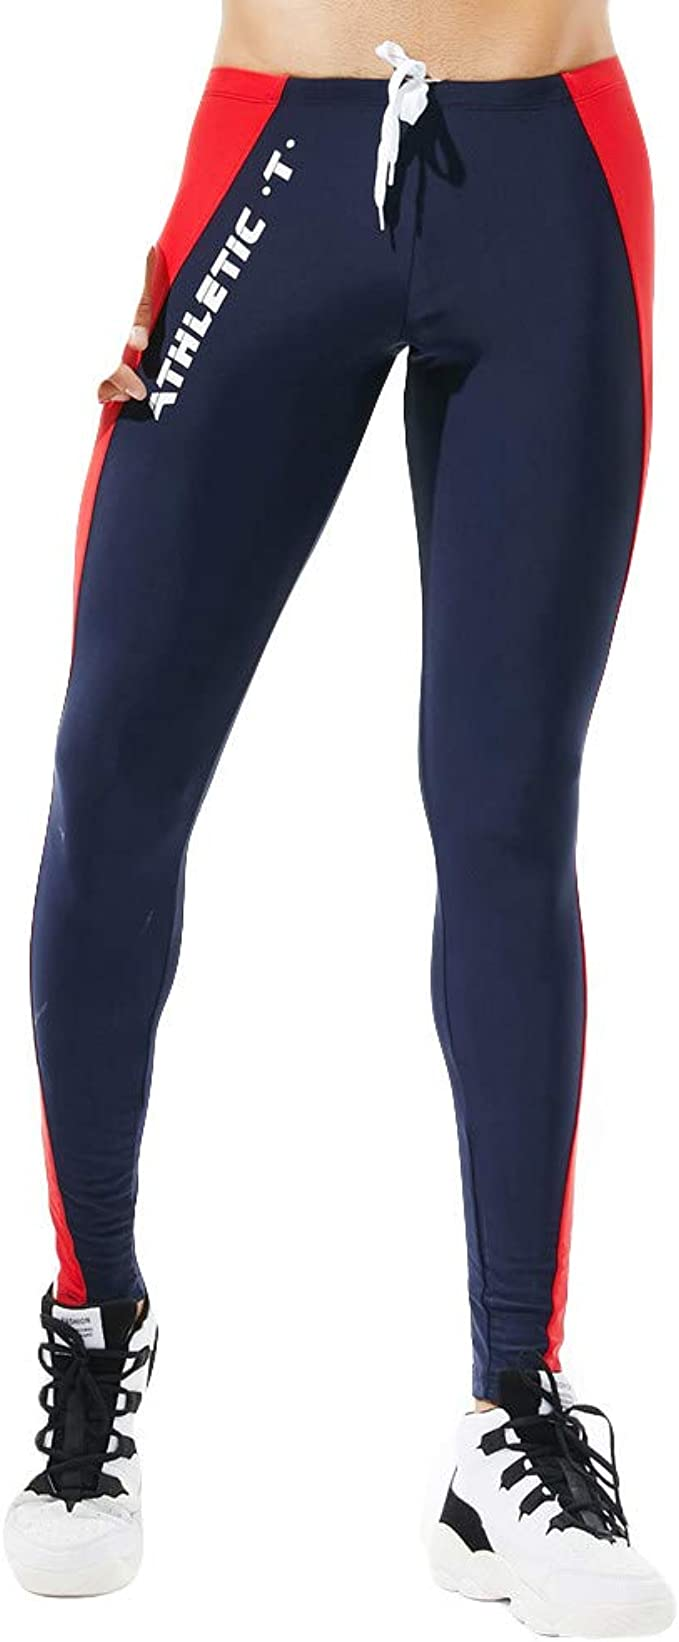 Leggins Hombres Deportivos Pantalones Deportivos de Colores para ...